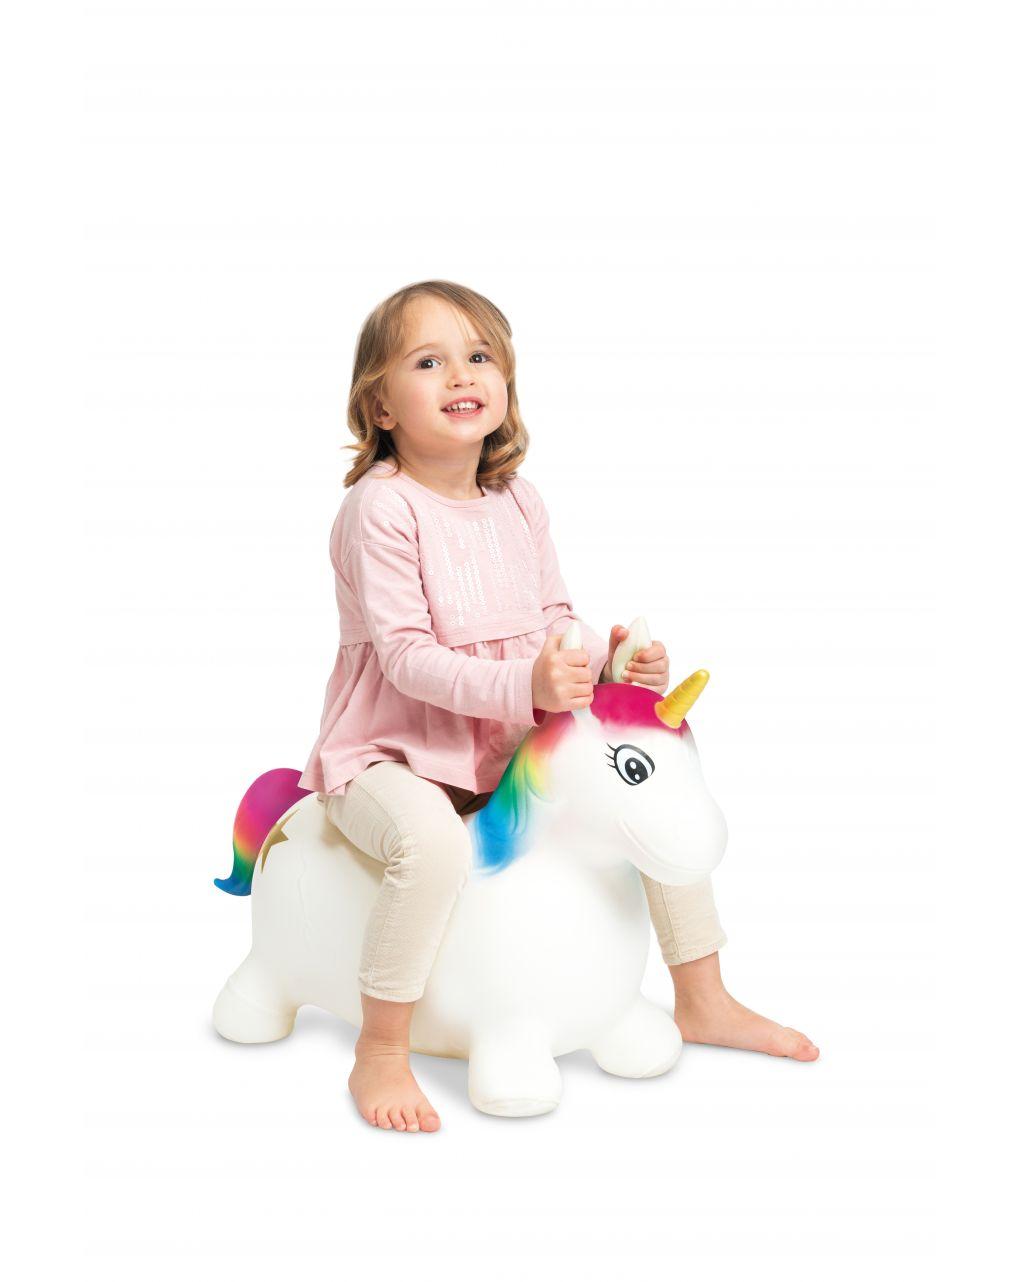 Mondo - ride on unicorn - Mondo